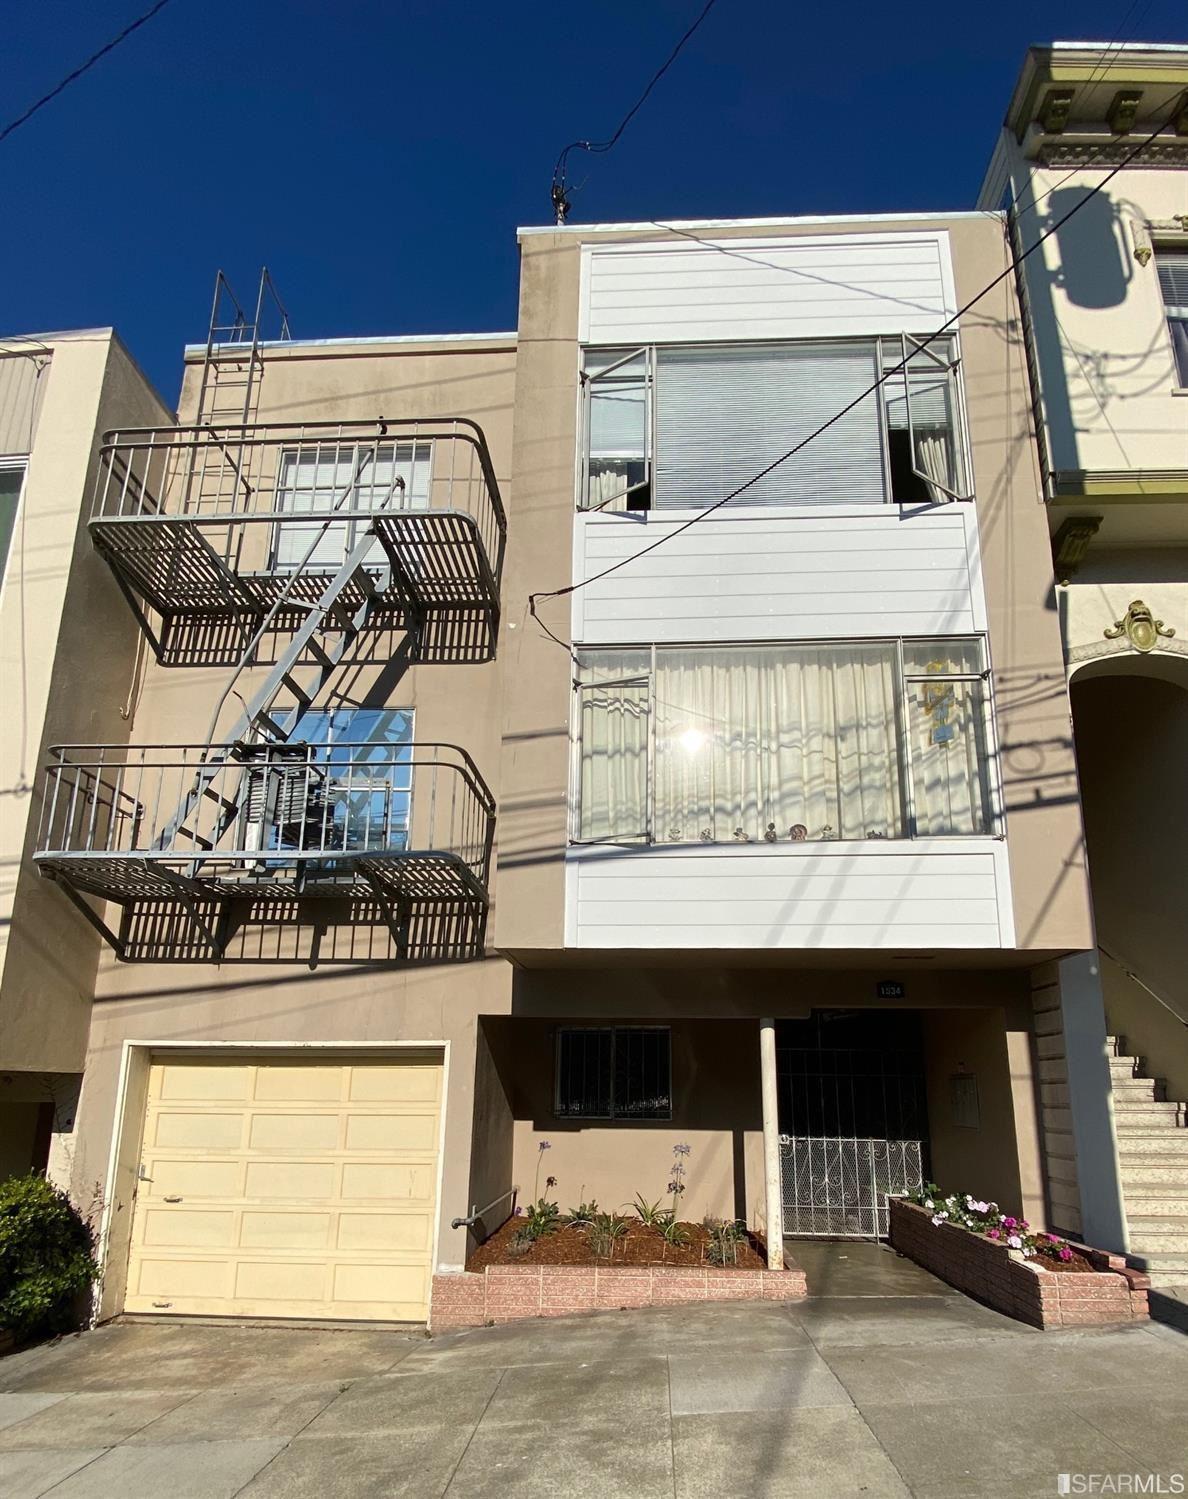 1534 10th Avenue #4 Units, San Francisco, CA 9411 - #: 504375